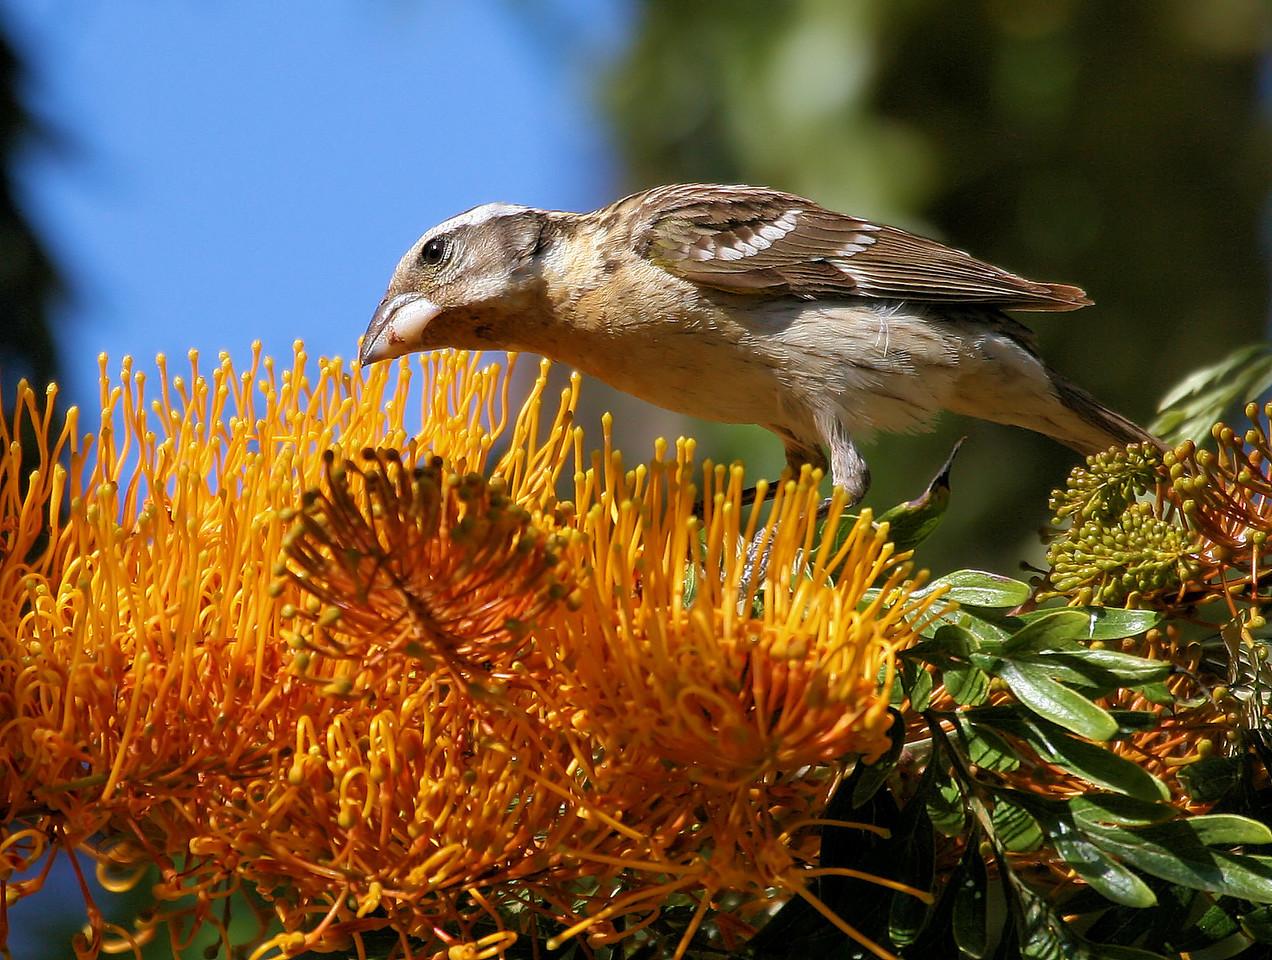 Female Grossbeak